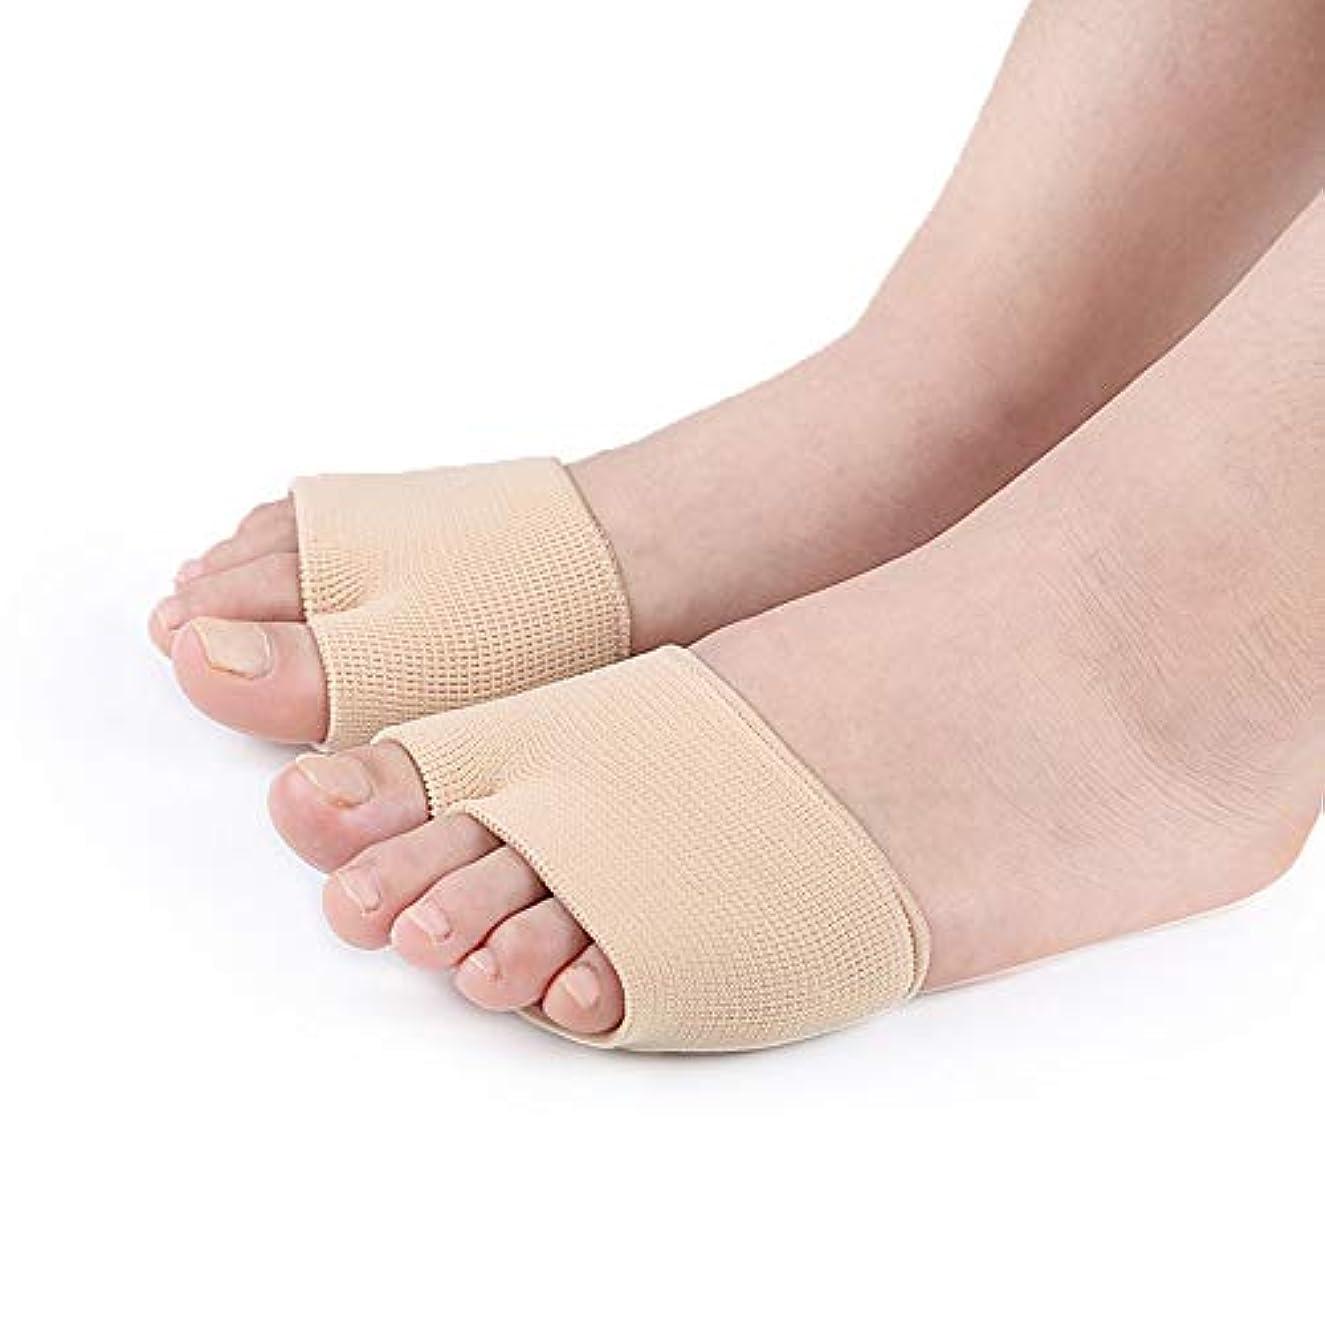 できたホースマークつま先矯正靴下ケアつま先防止重複伸縮性高減衰ダンピング吸収汗通気性ナイロン布SEBS,5pairs,S